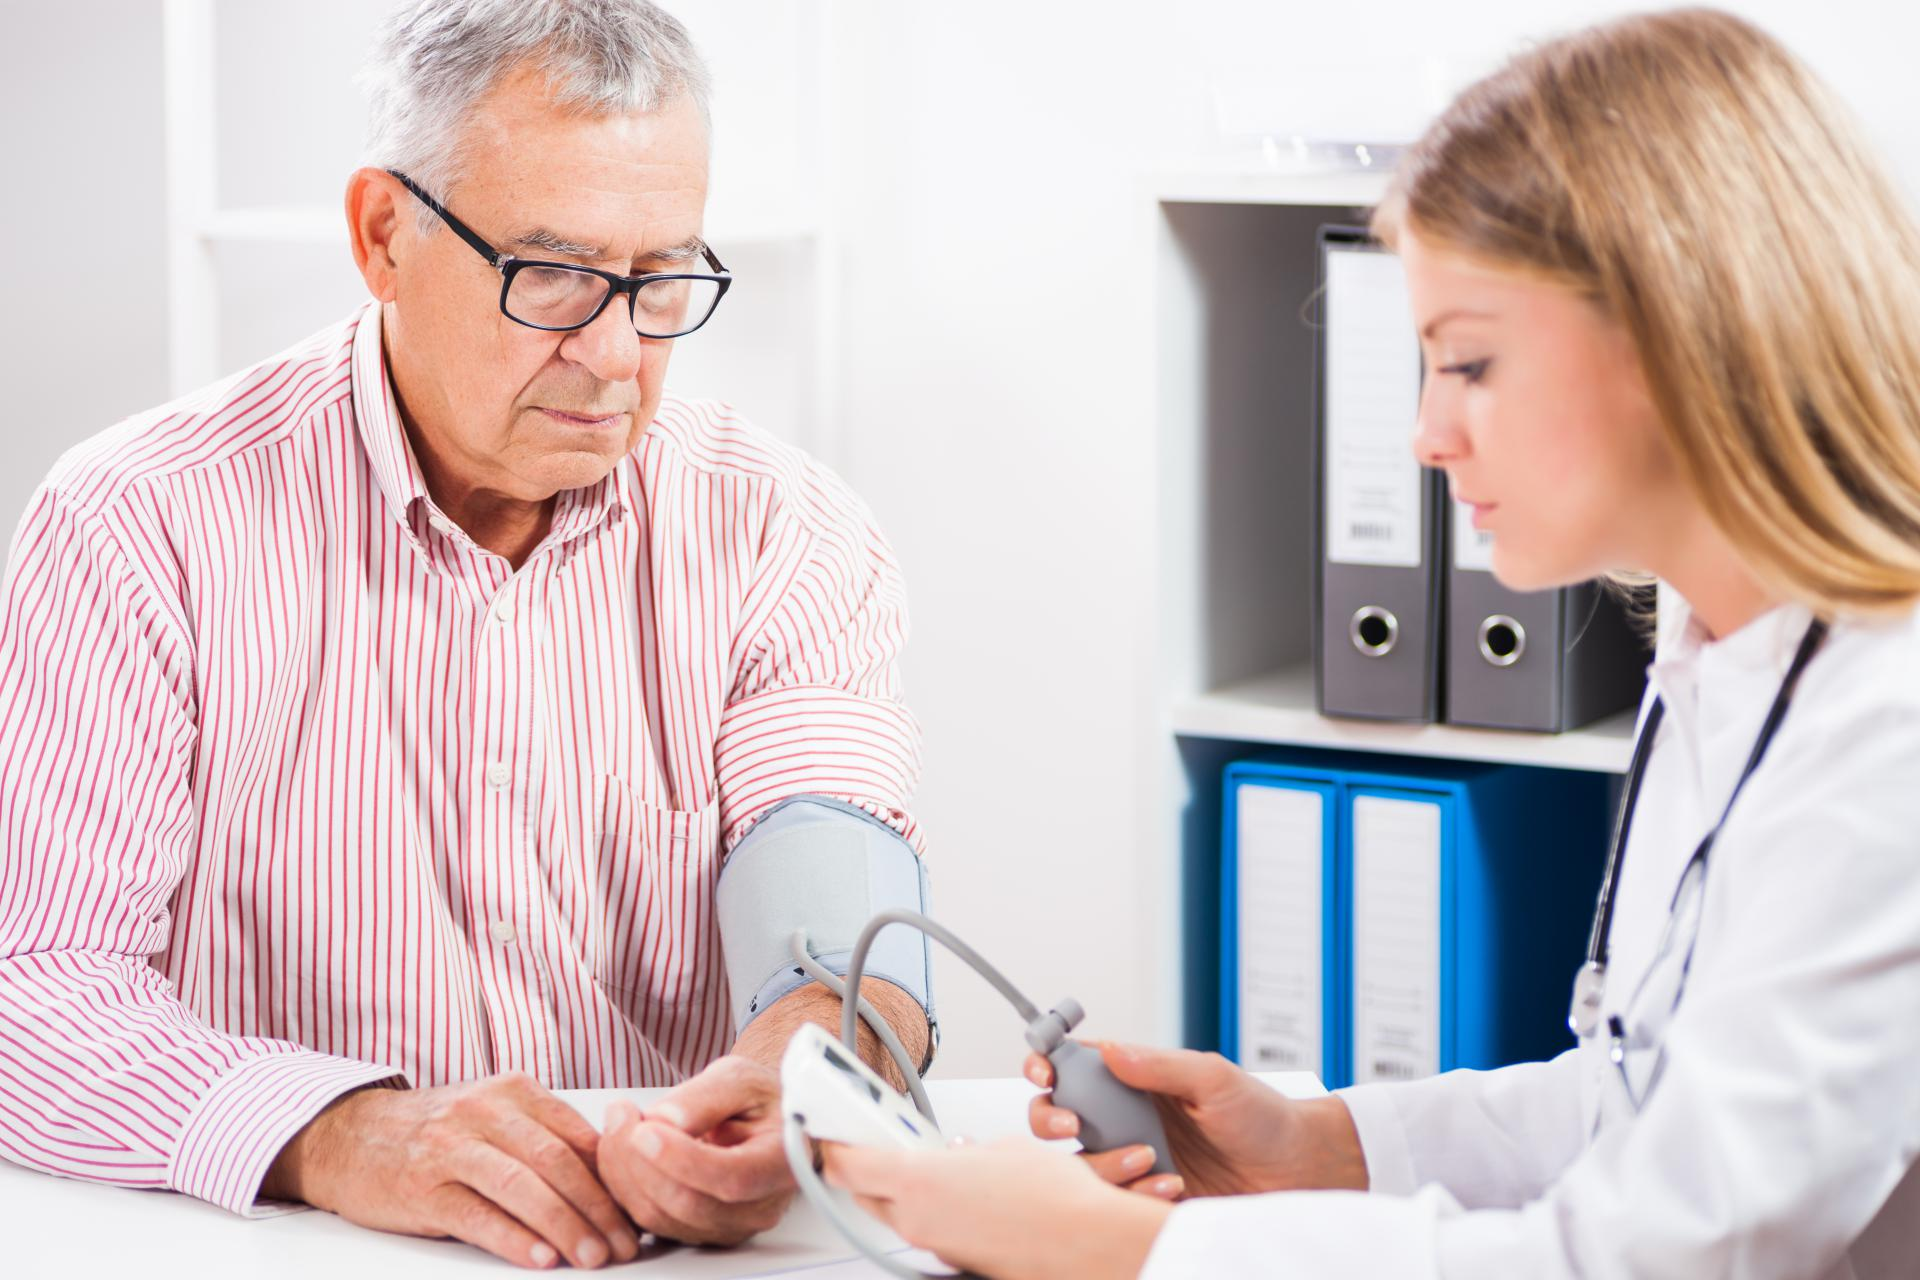 hipertenzija neurolog ili kardiologa